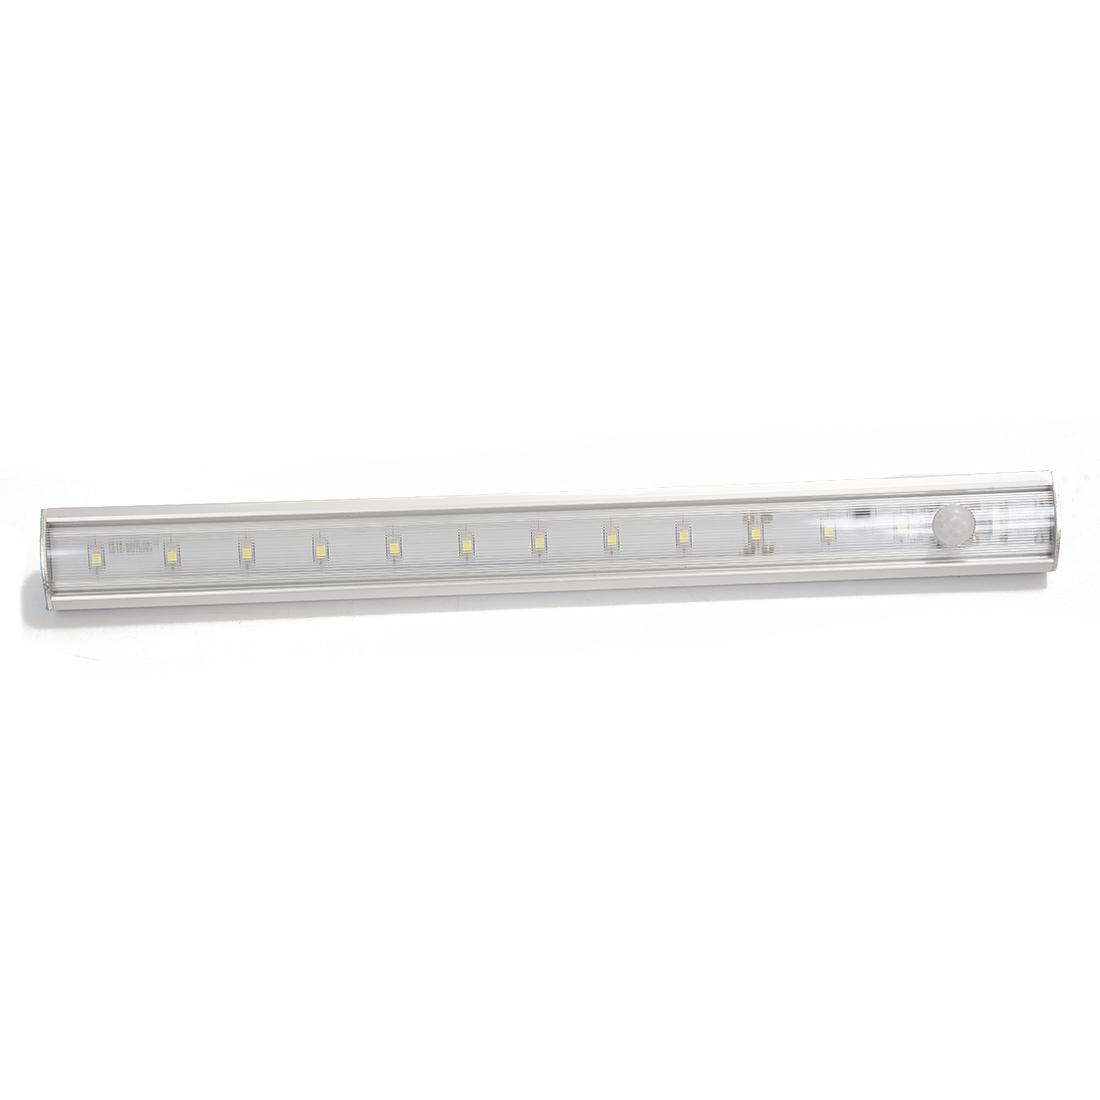 Led Motion Sensor Cabinet Drawer Night Light 30cm W8s7